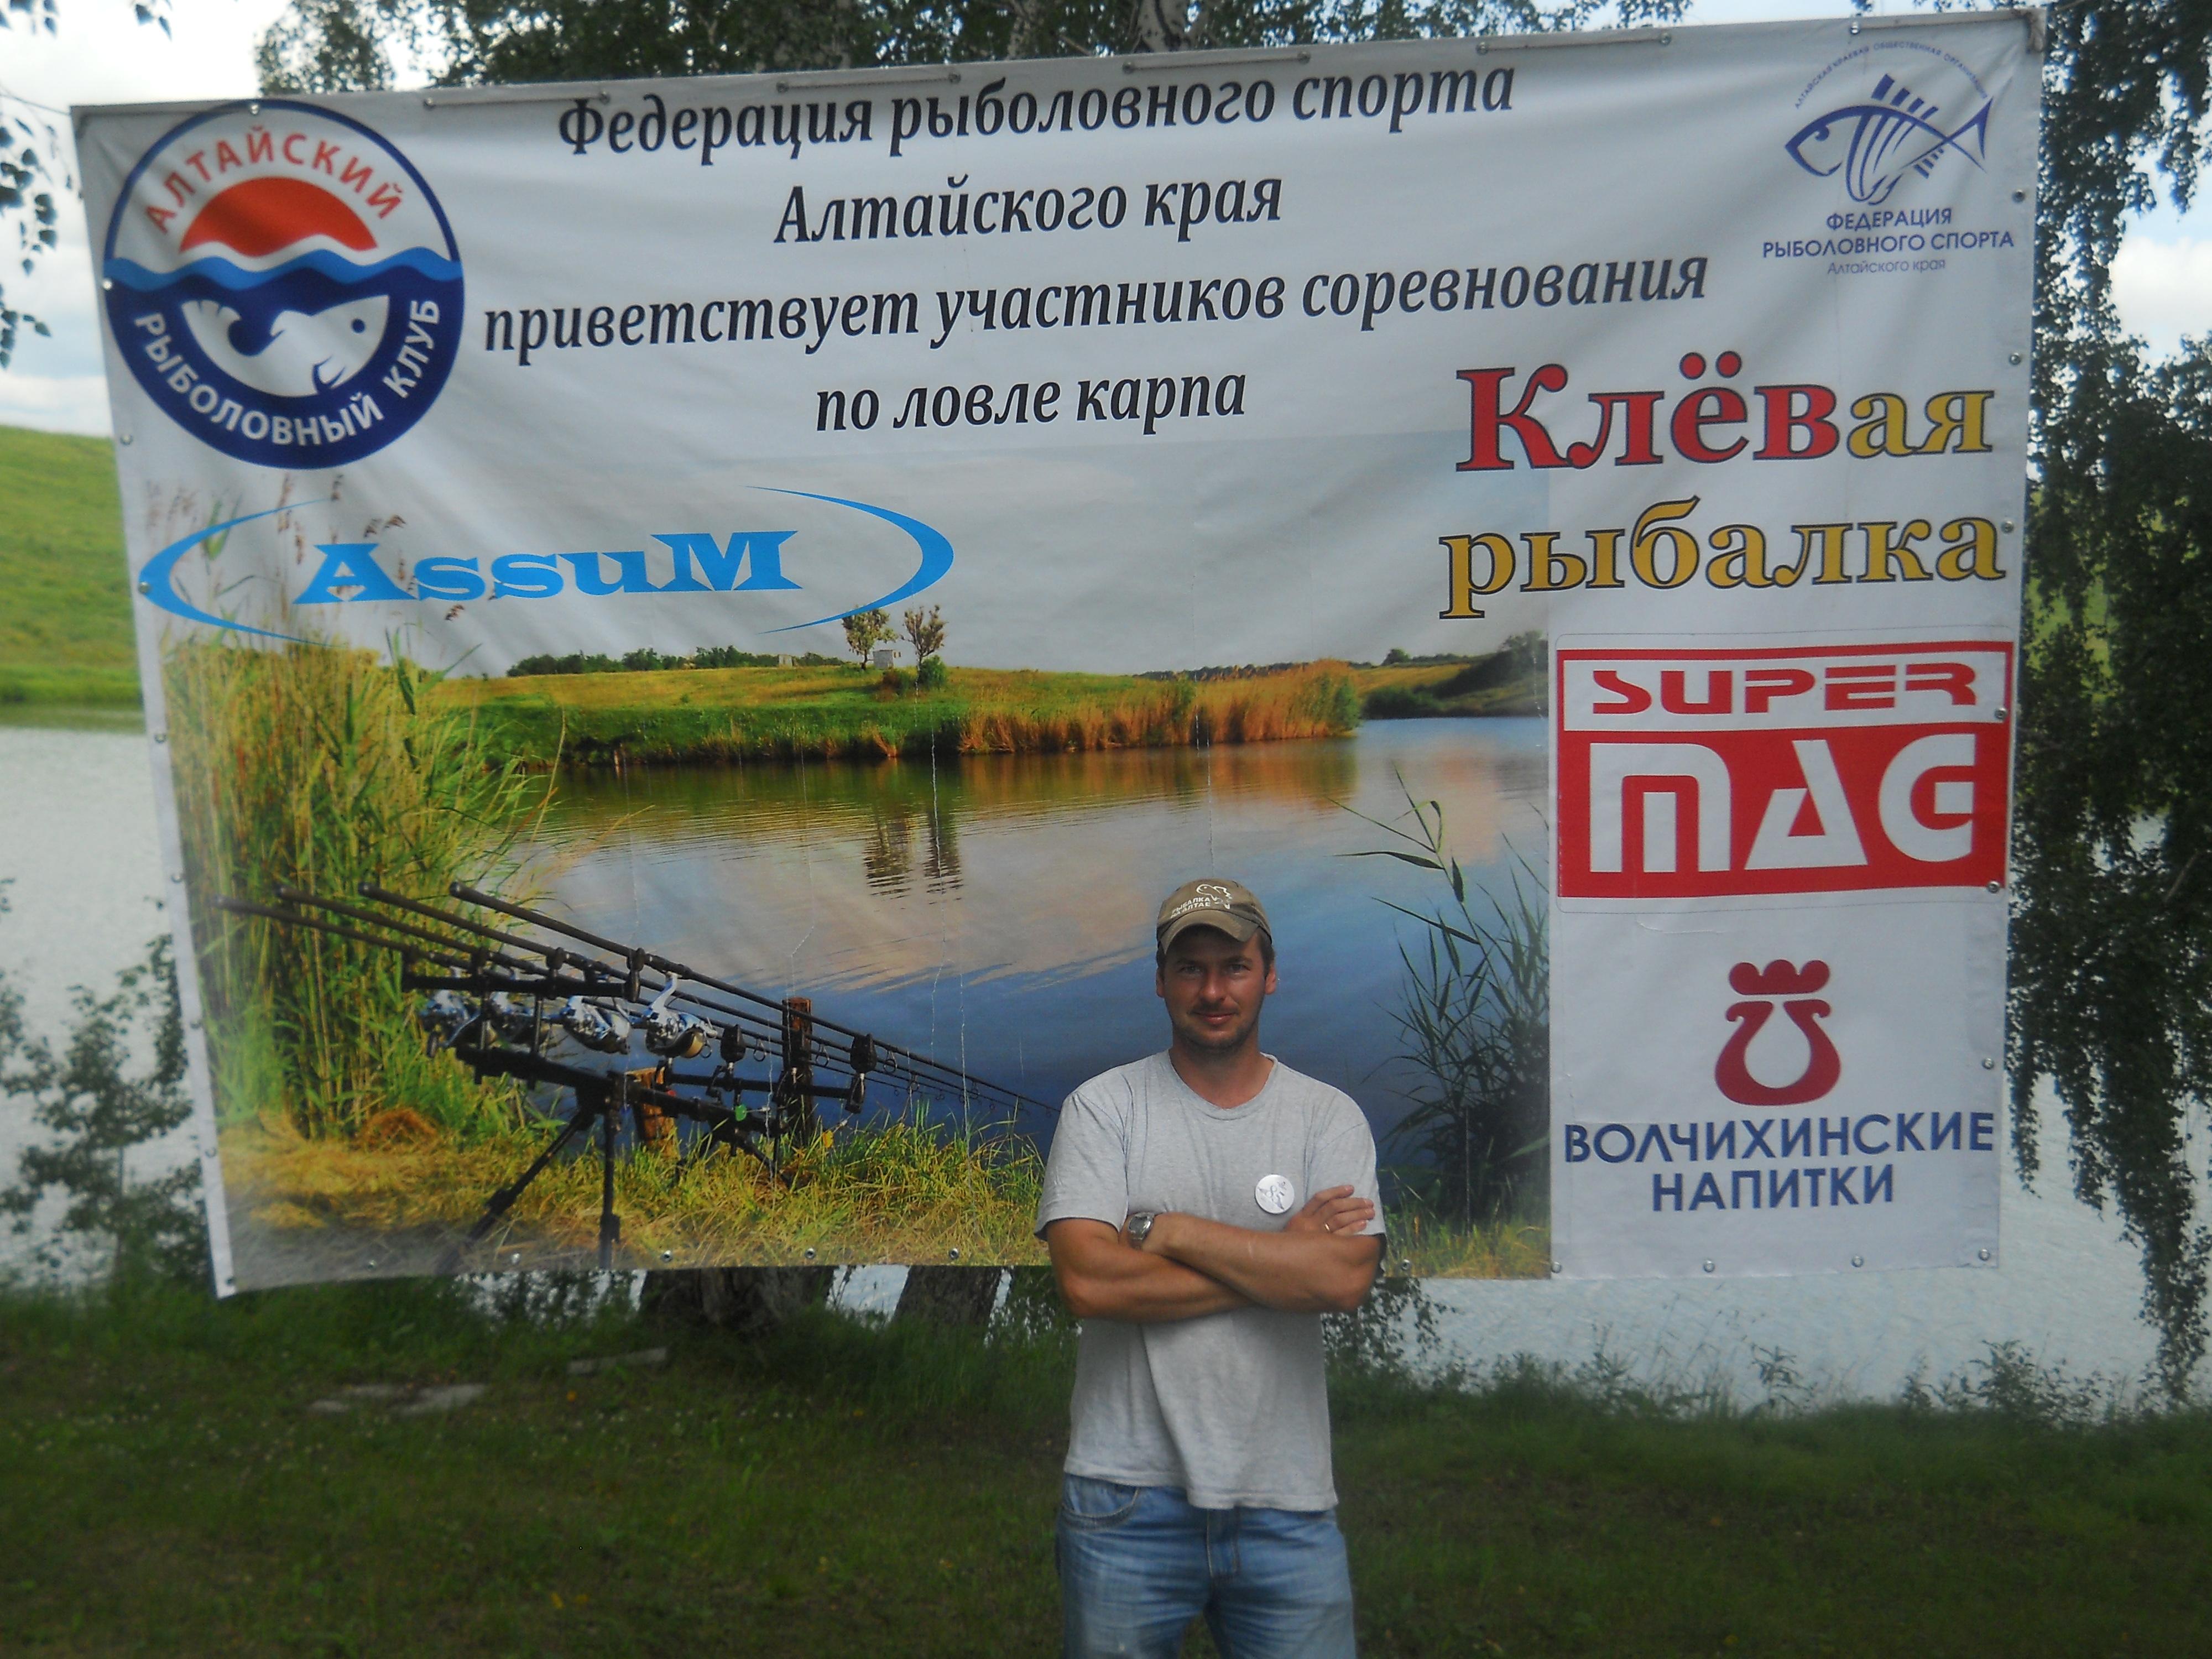 """Кубок края по ловле карпа или трое суток на """"Топтушке""""."""